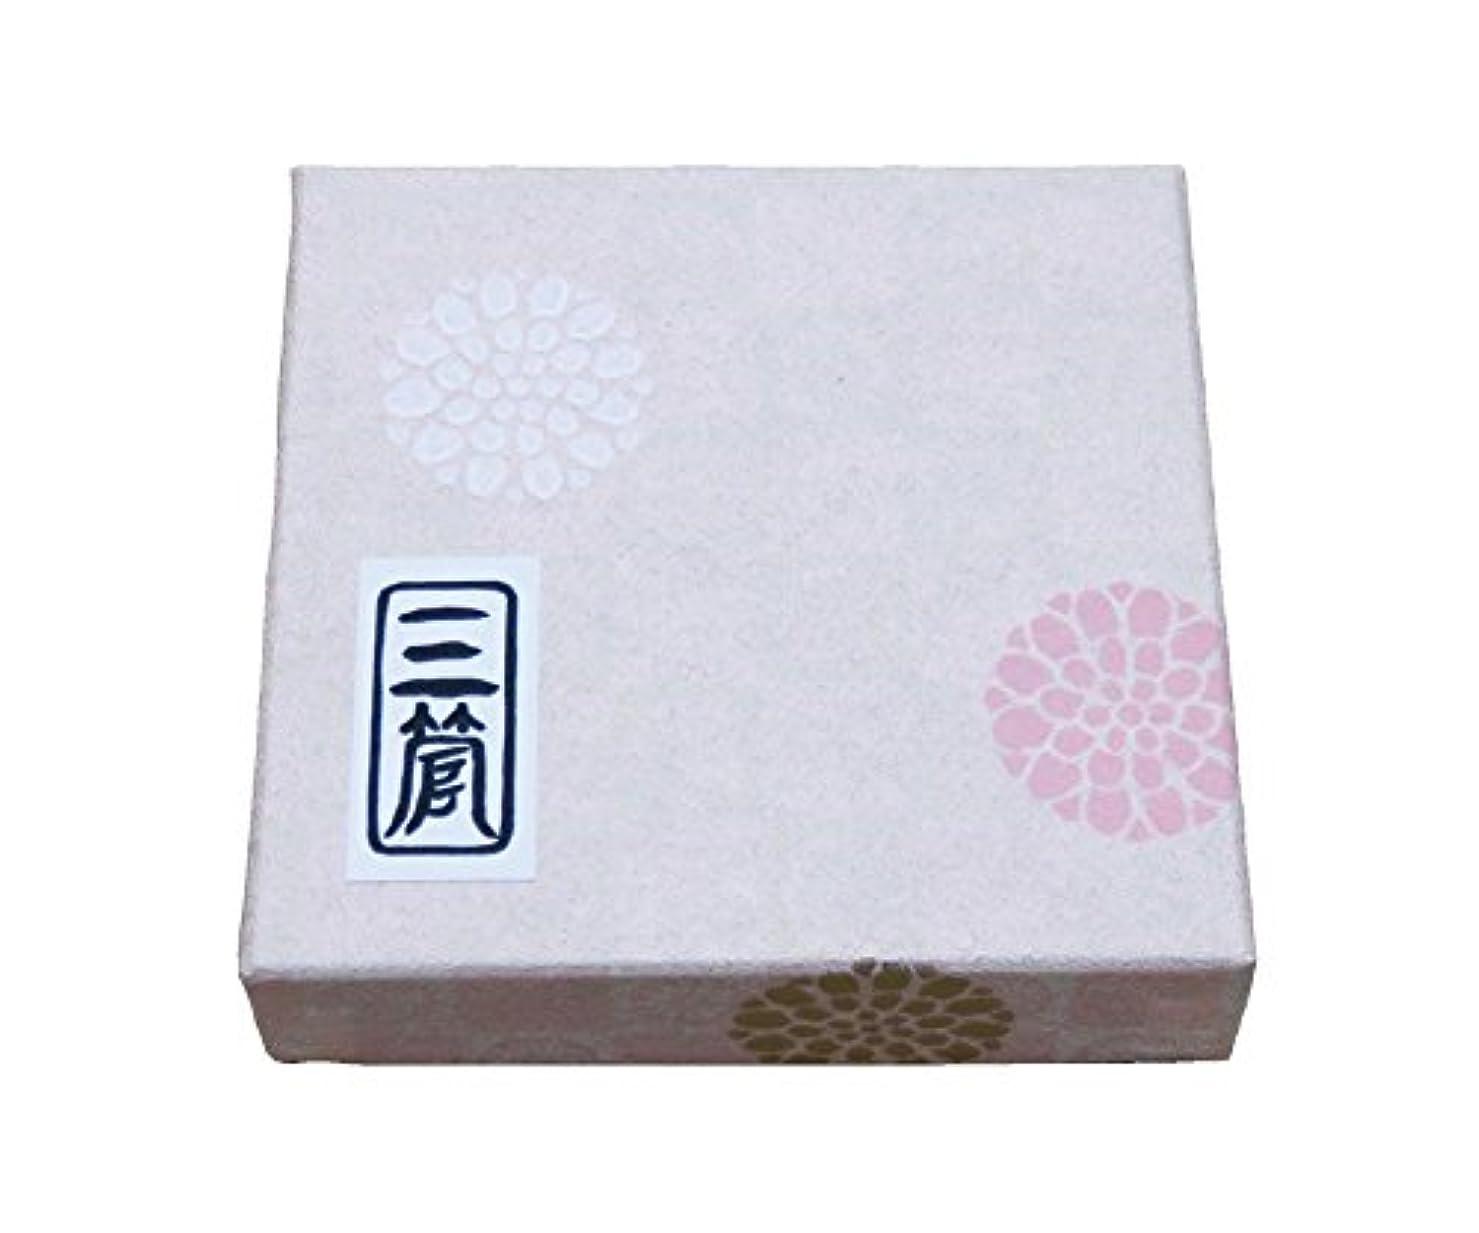 トランスペアレント増強する雨の癒しのお香 <仏智香 三管セット 化粧箱入り> 三管3種類が楽しめます 奈良のお香屋あーく煌々(きらら)